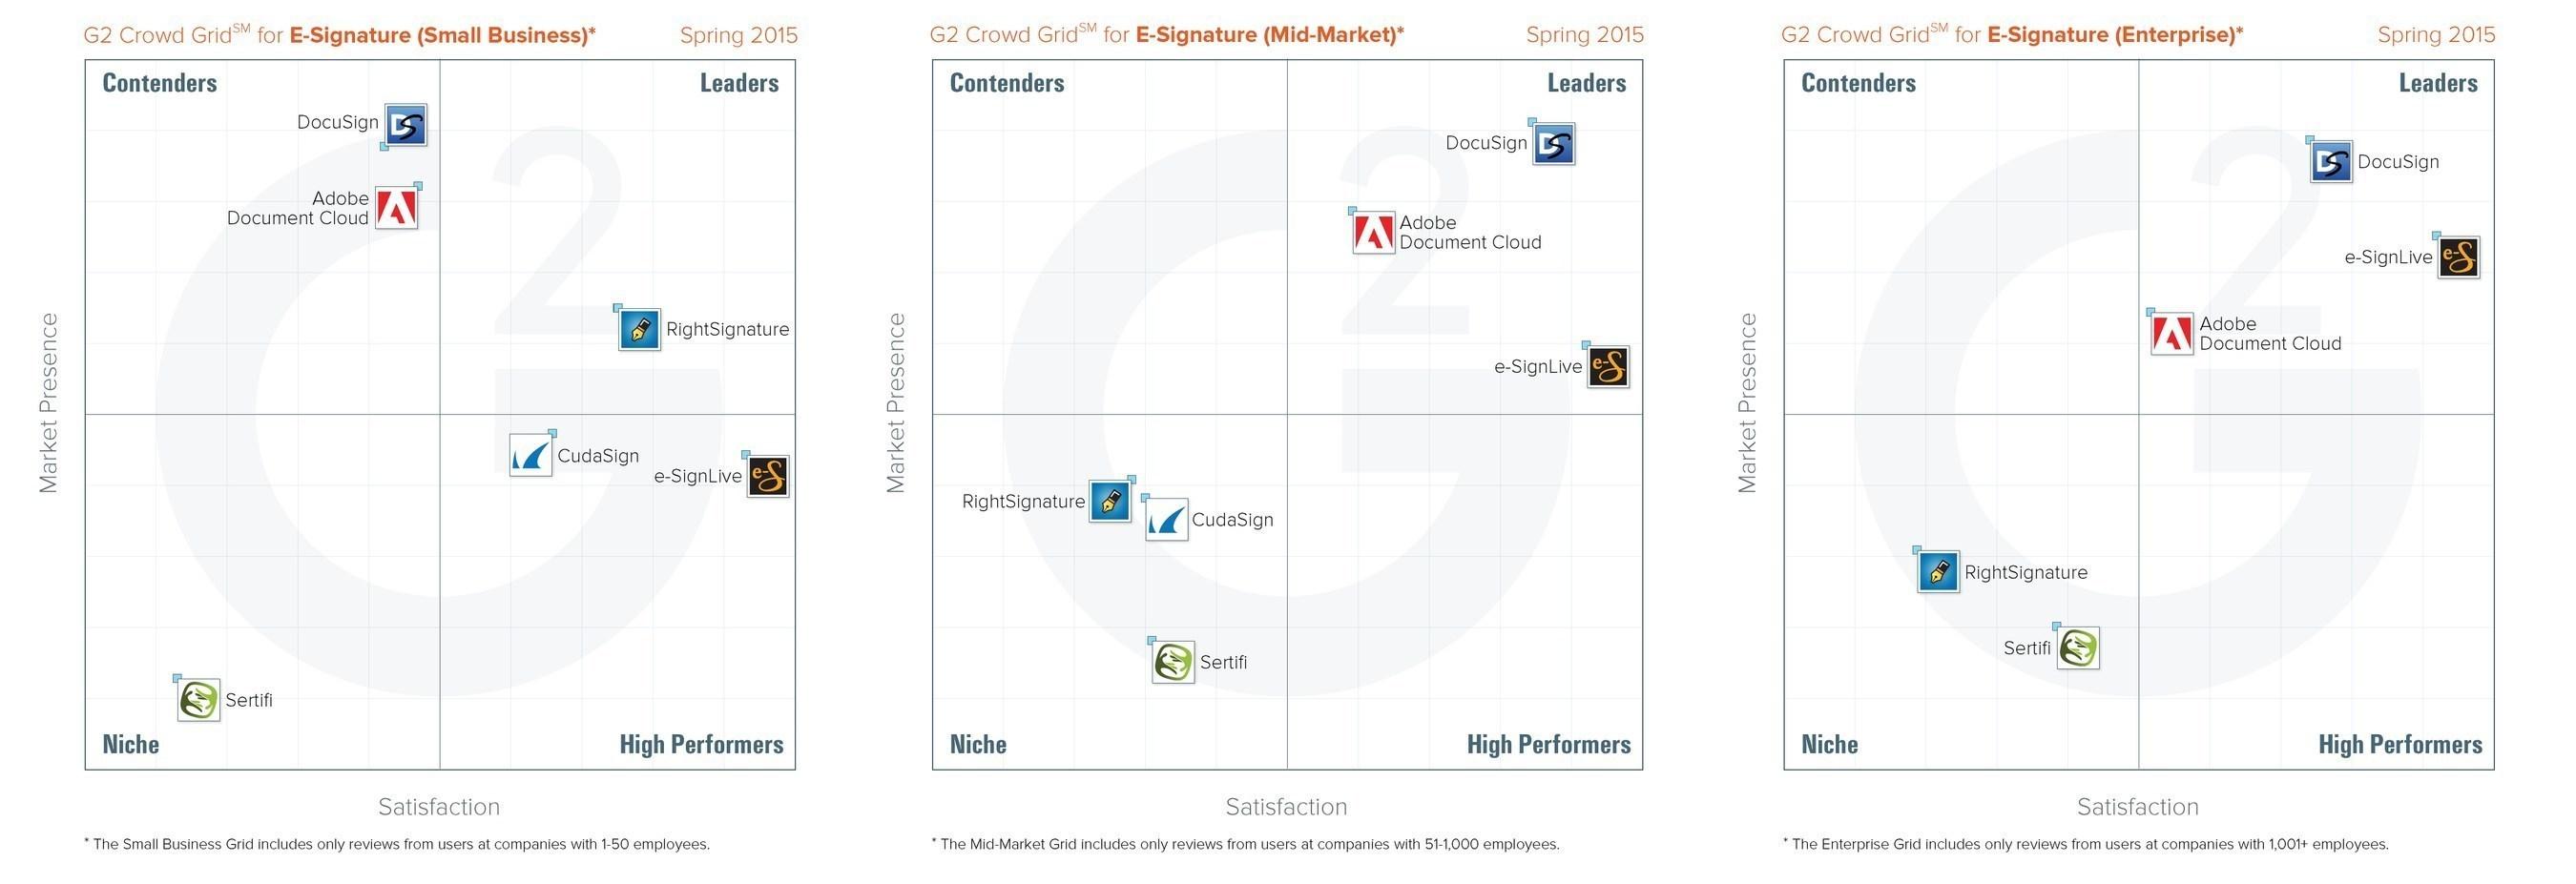 Segmented E-Signature Grids for Small, Midsize and Enterprise Users